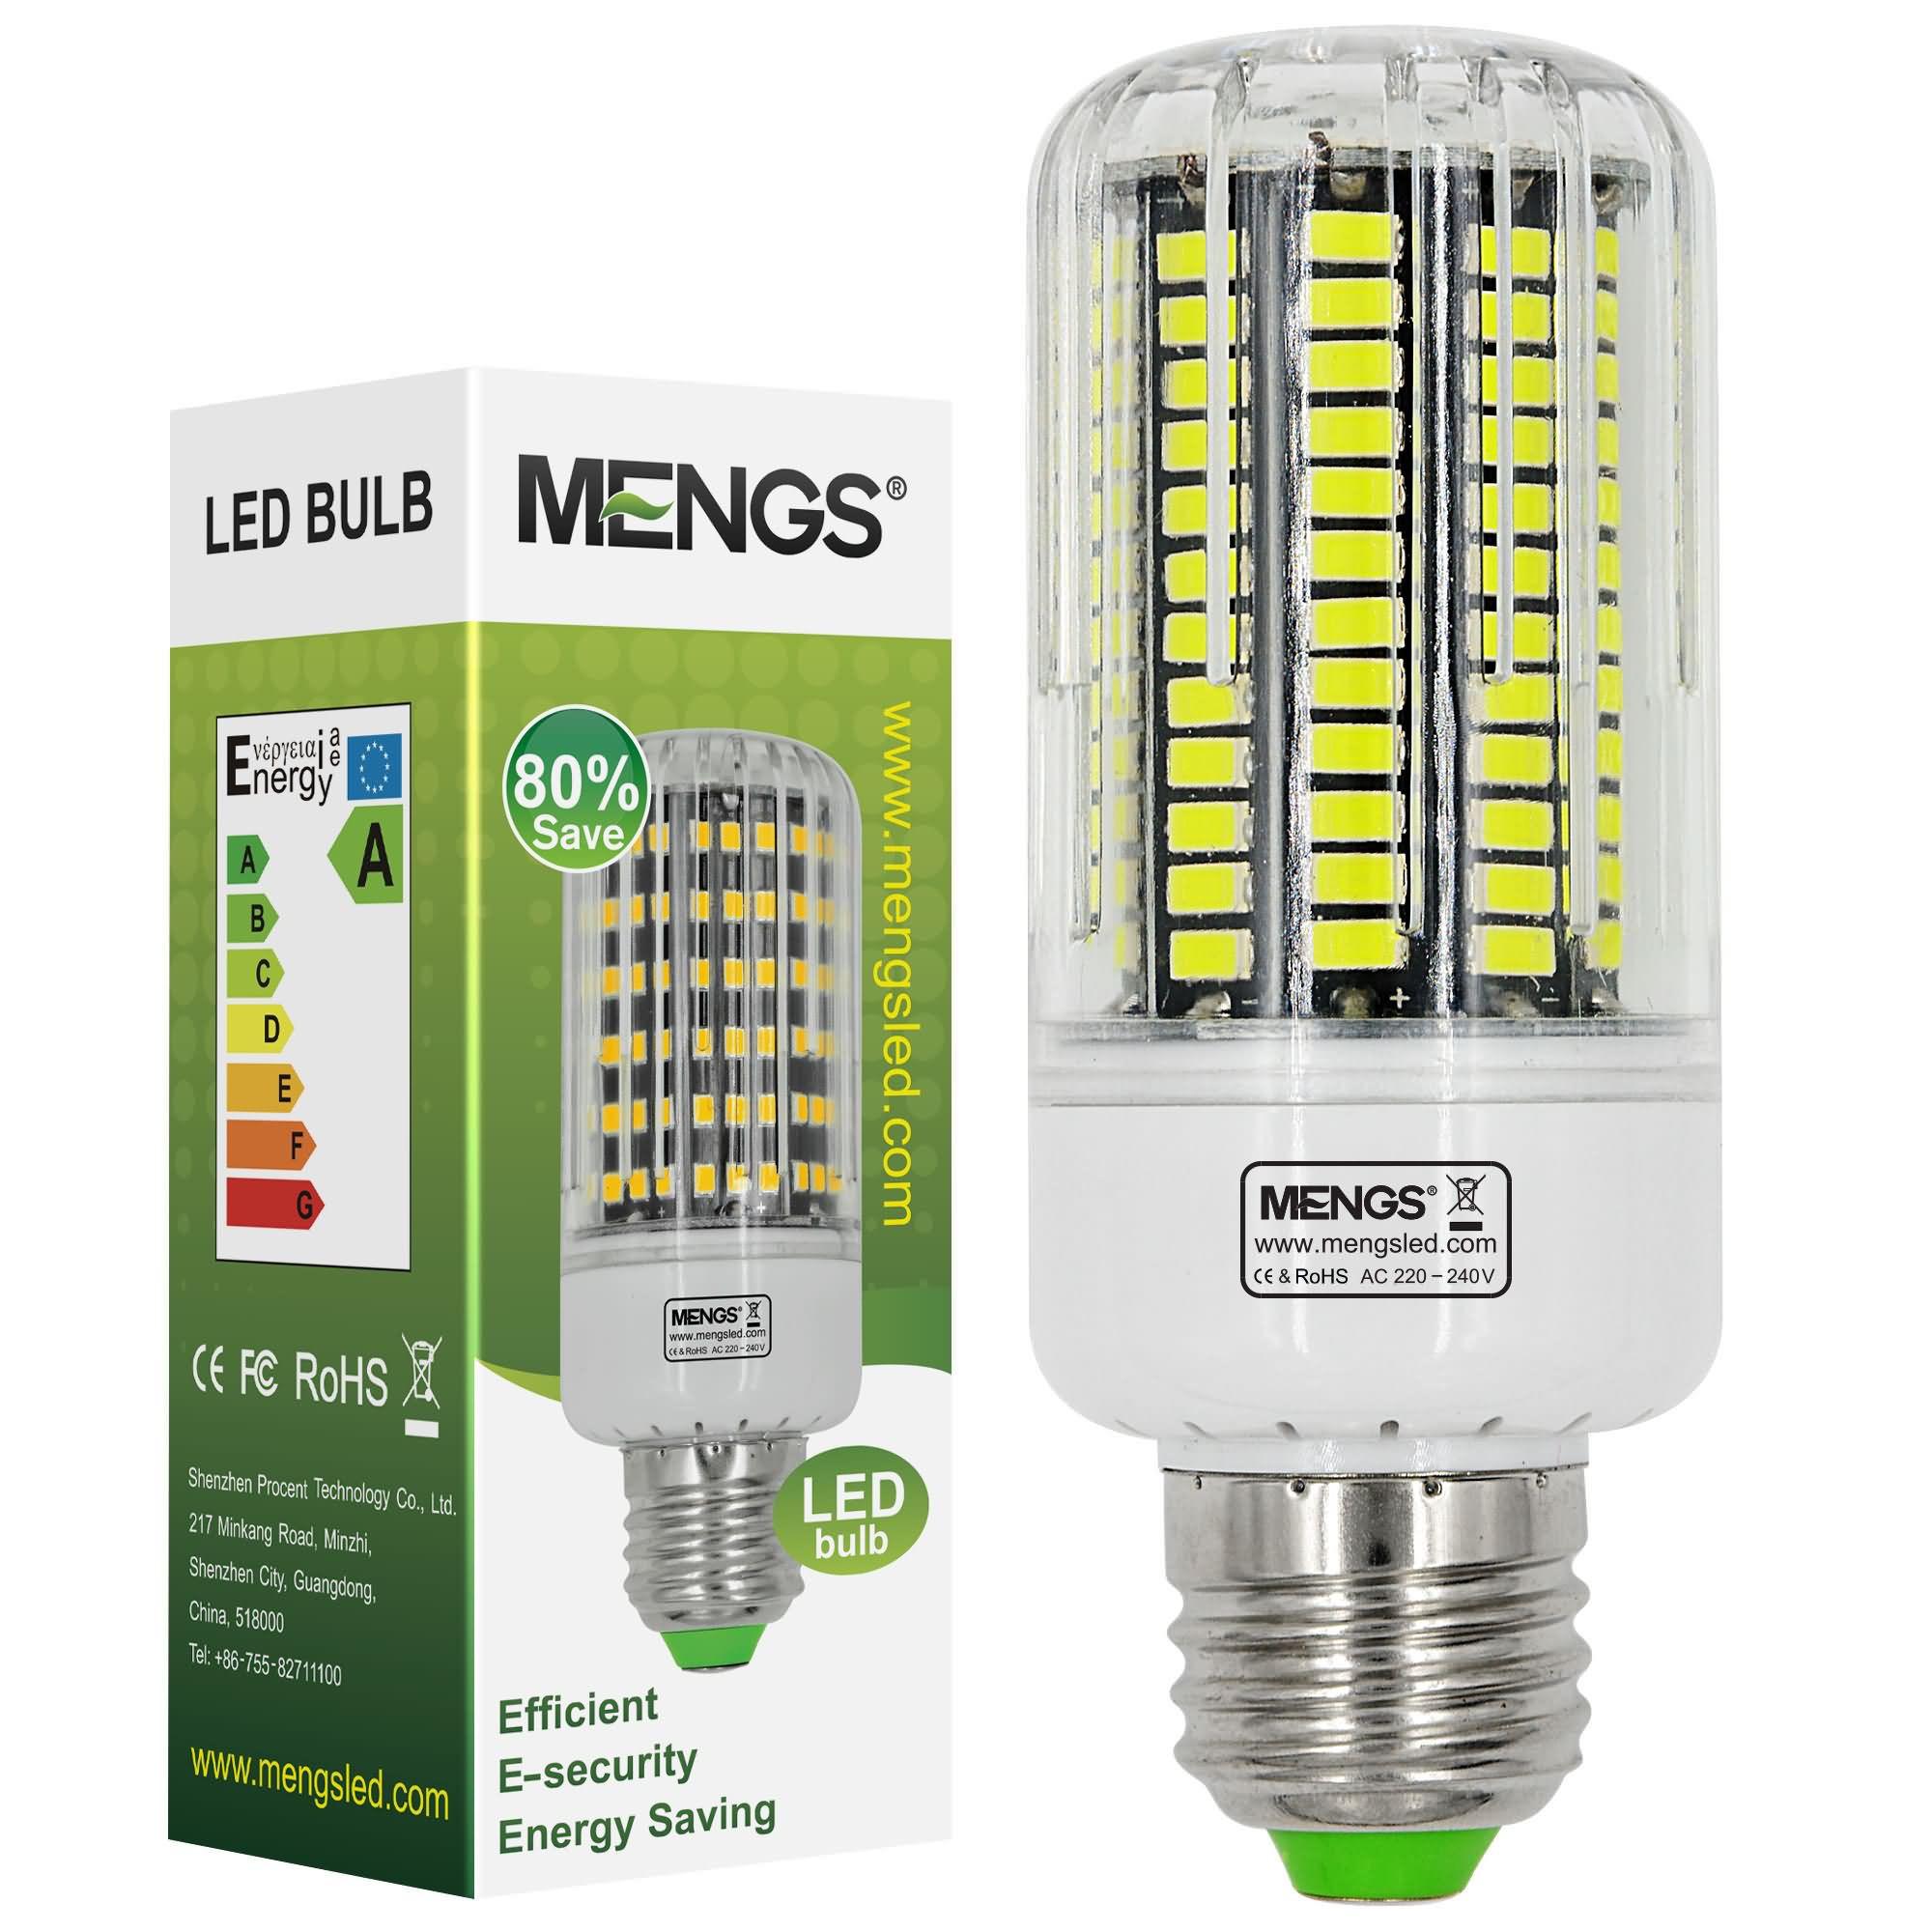 MENGS® E27 18W LED Corn Light 136x 5733 SMD LED Bulb Lamp In Cool White Energy-Saving Light